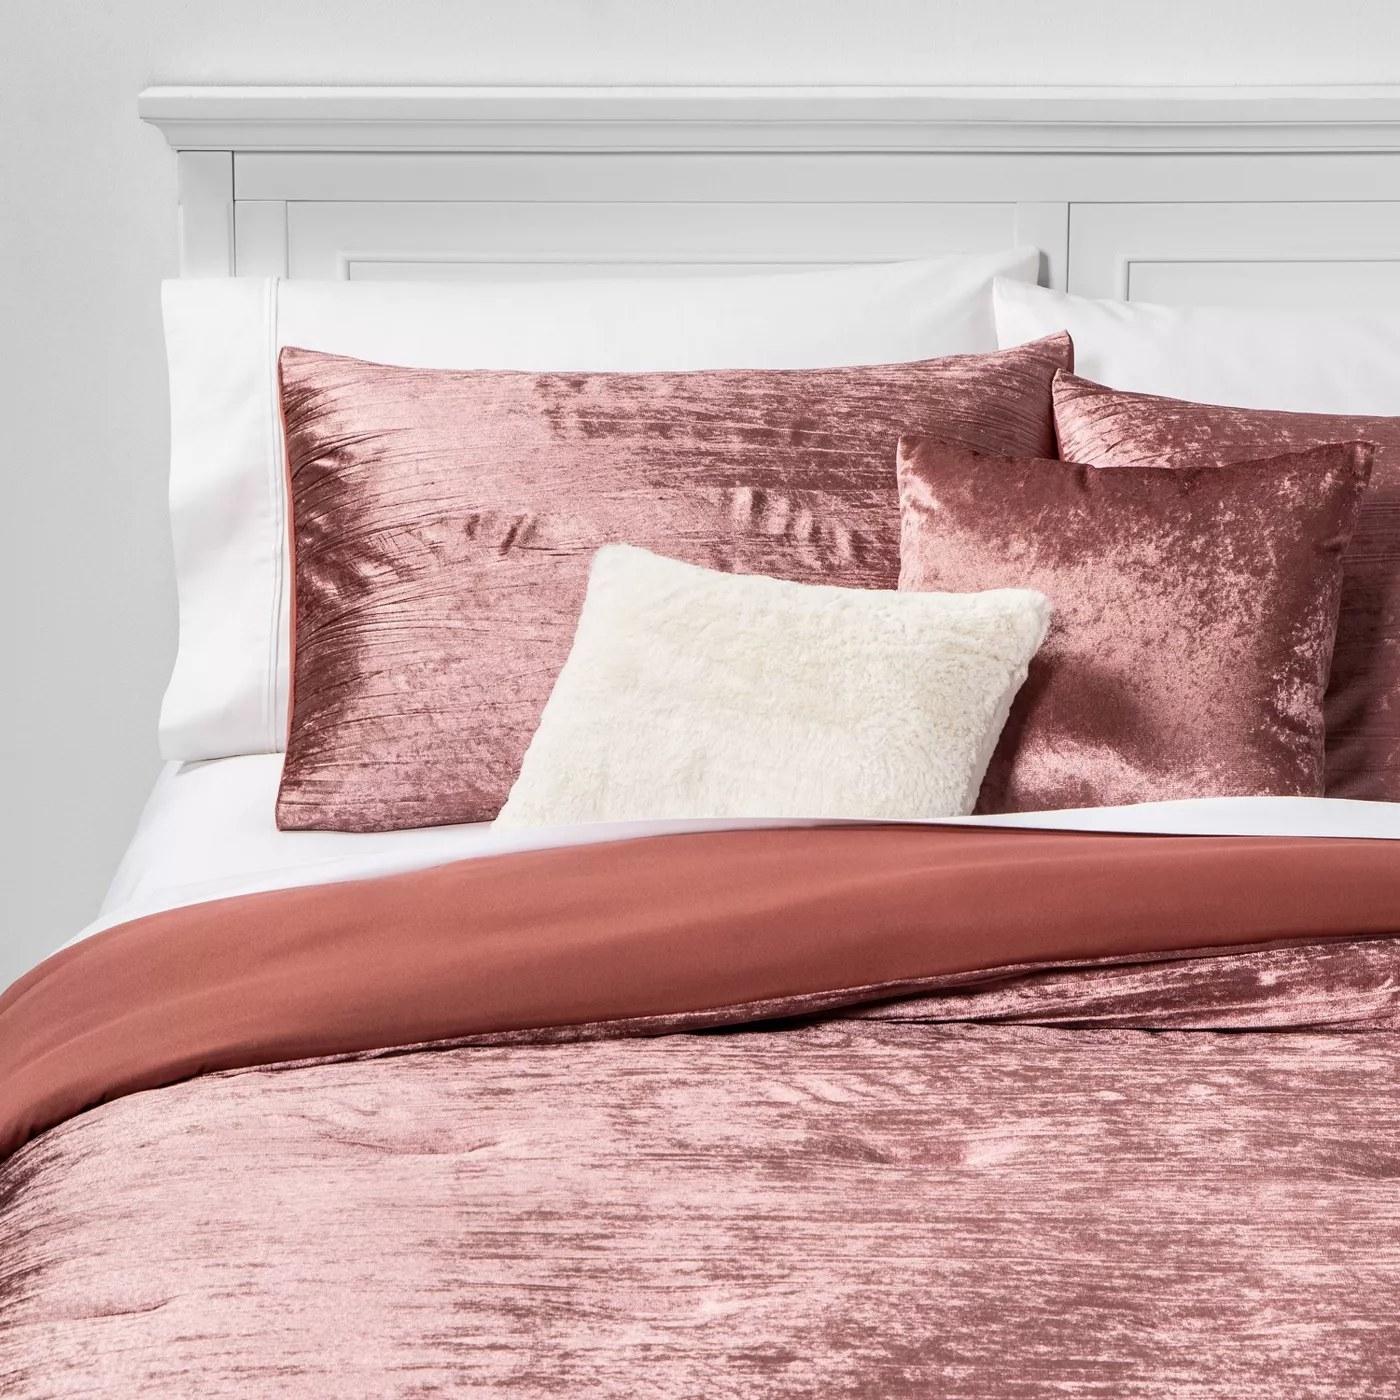 The crinkled, velvet-like bed set in pink